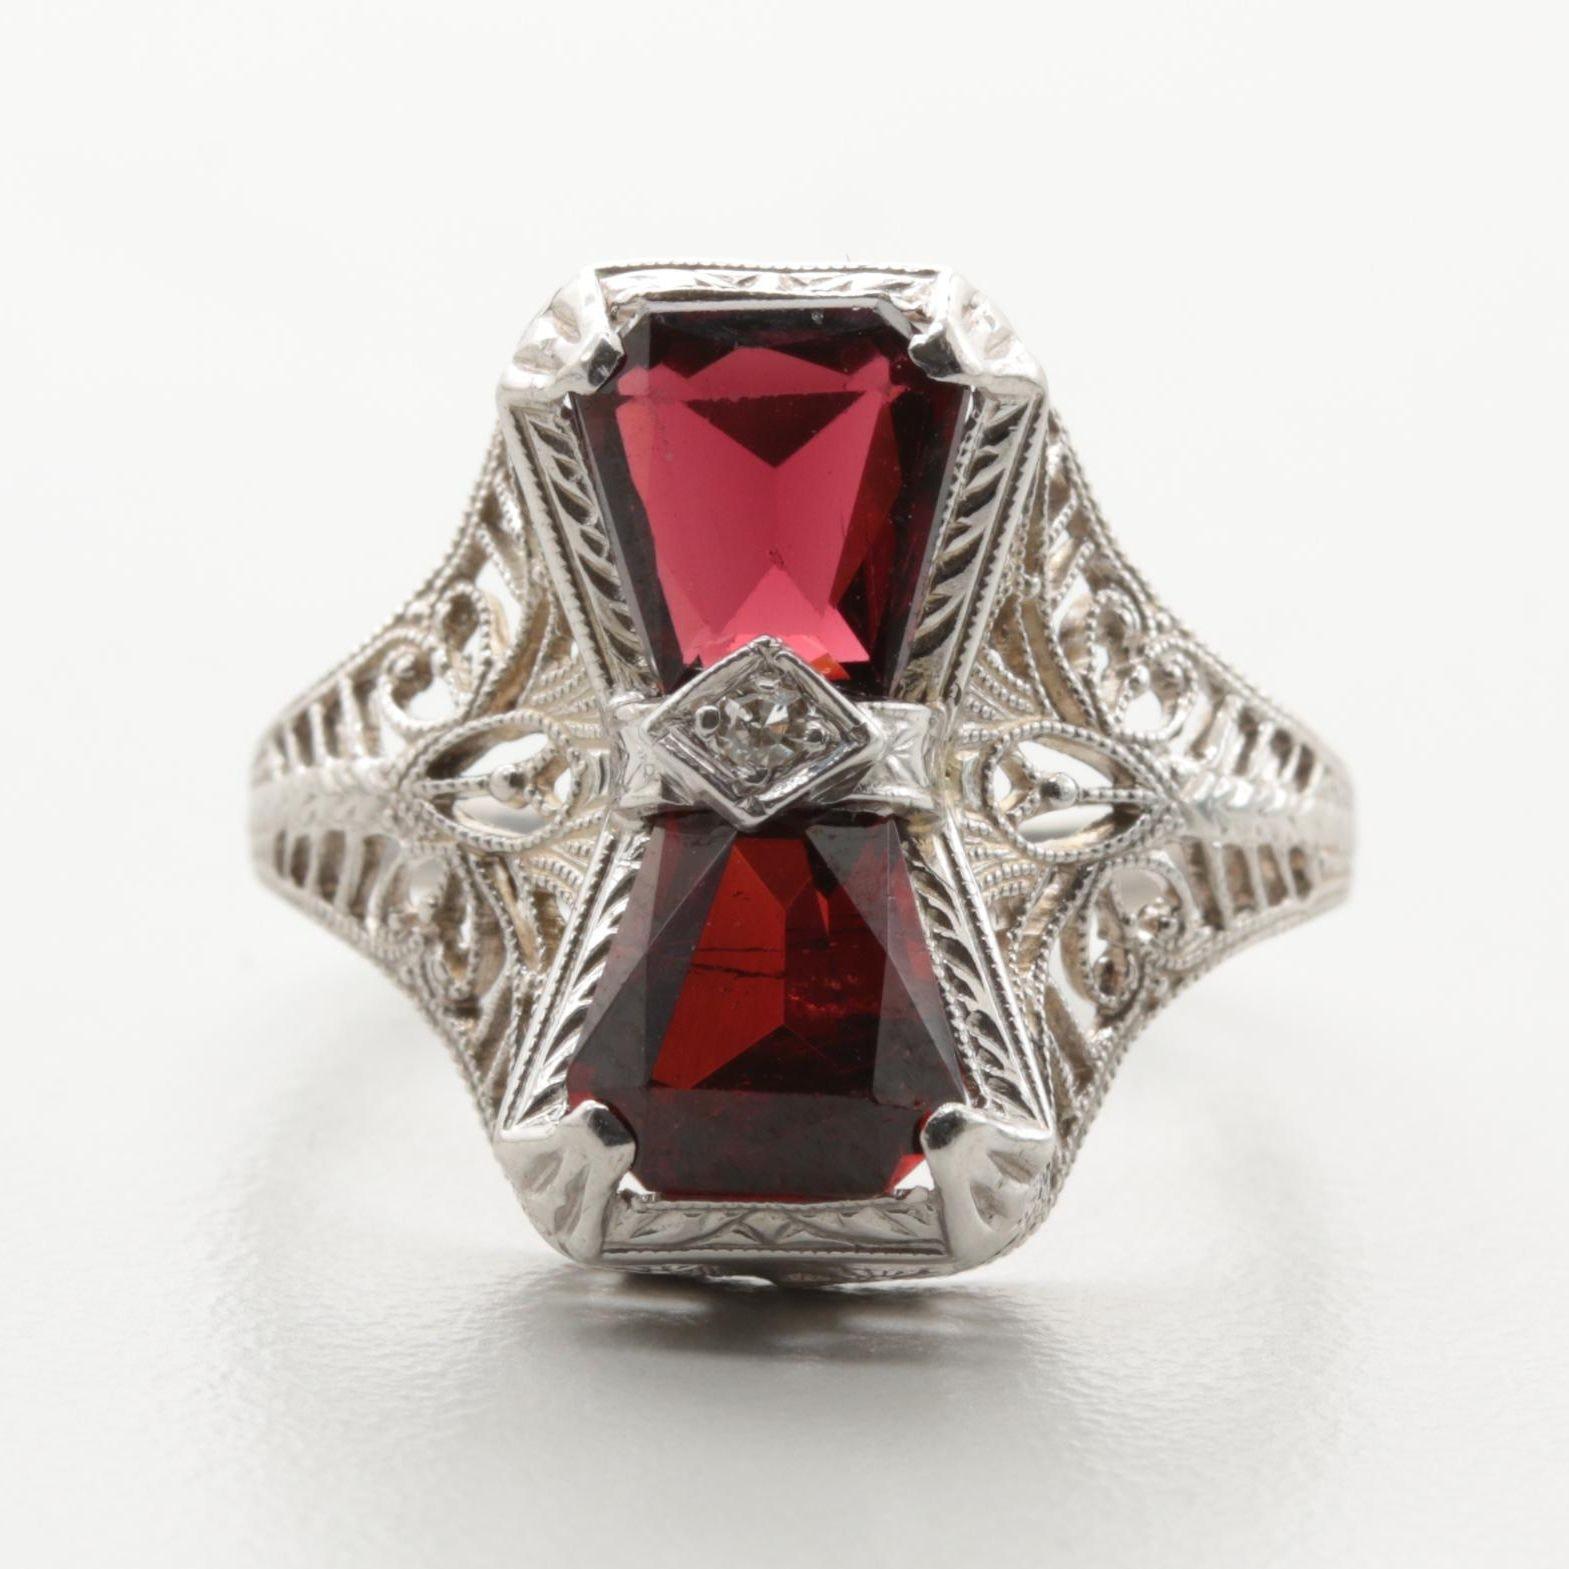 Art Deco 14K White Gold Garnet and Diamond Ring